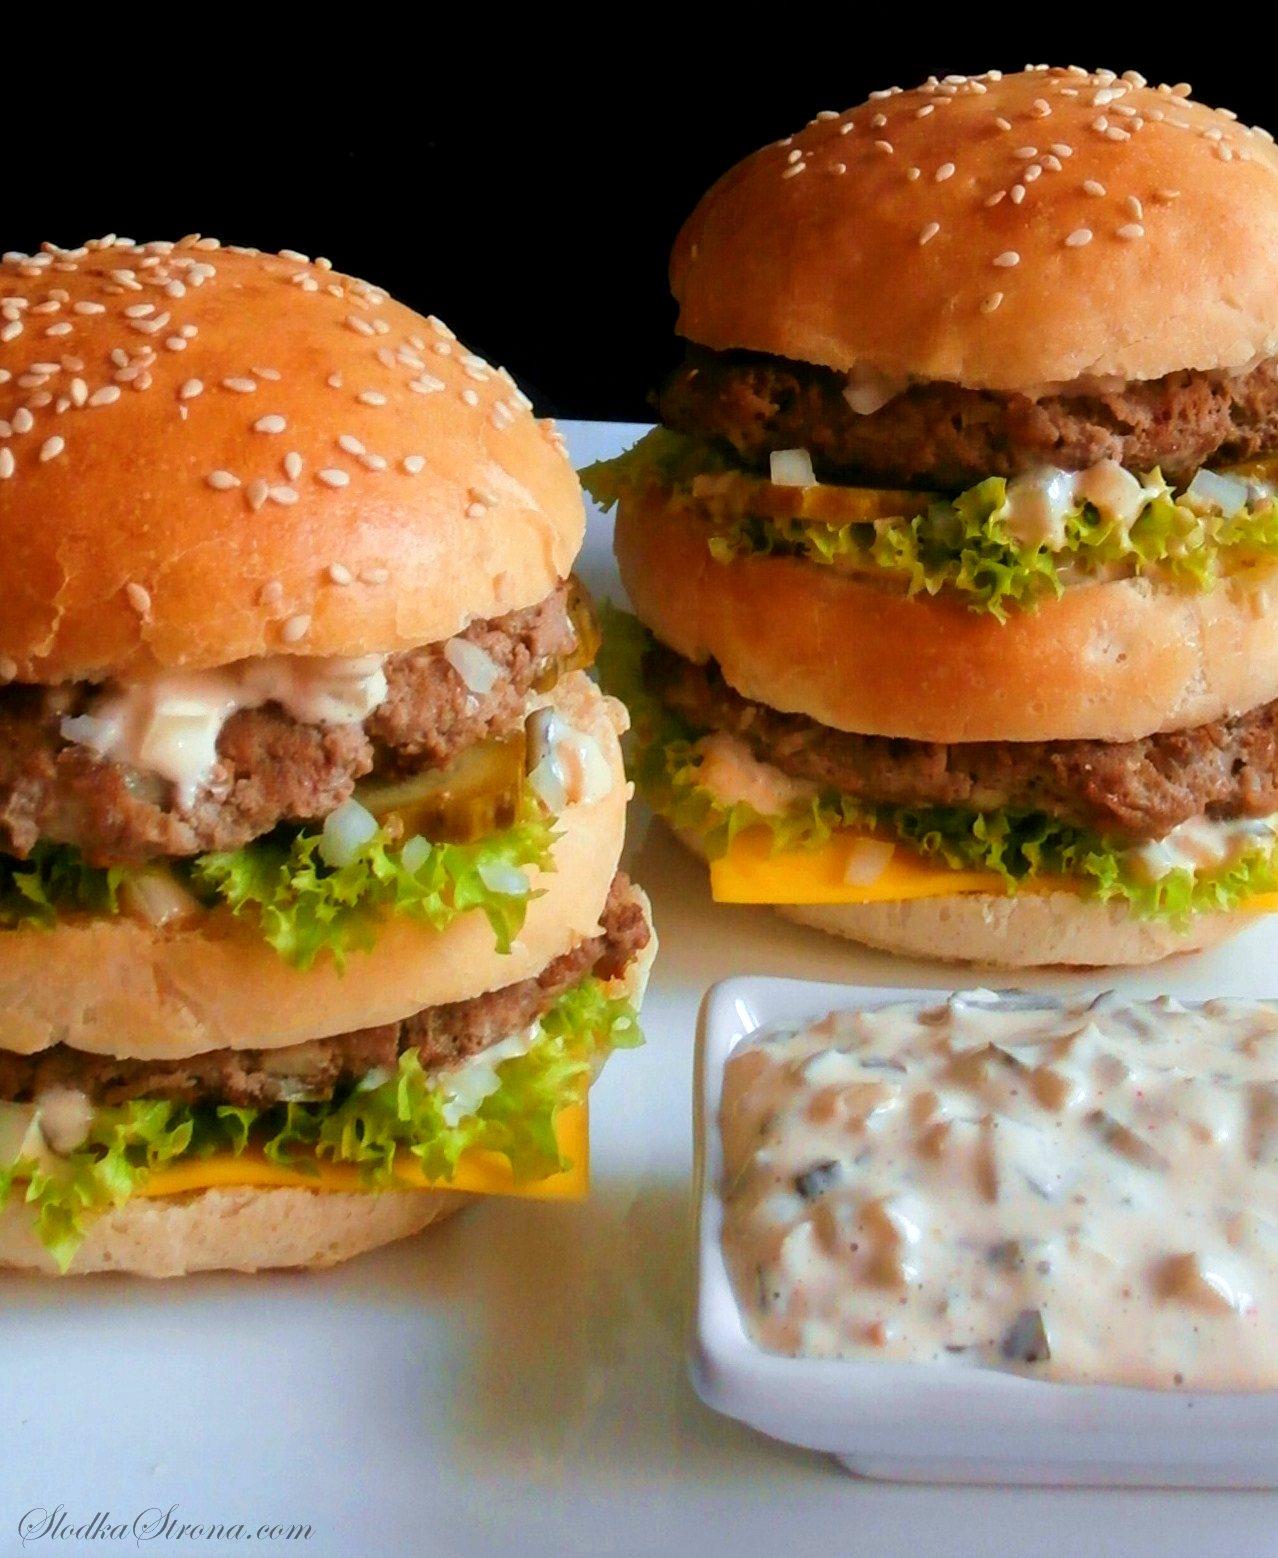 Domowy Sos do Big Maca - Przepis - Słodka Strona